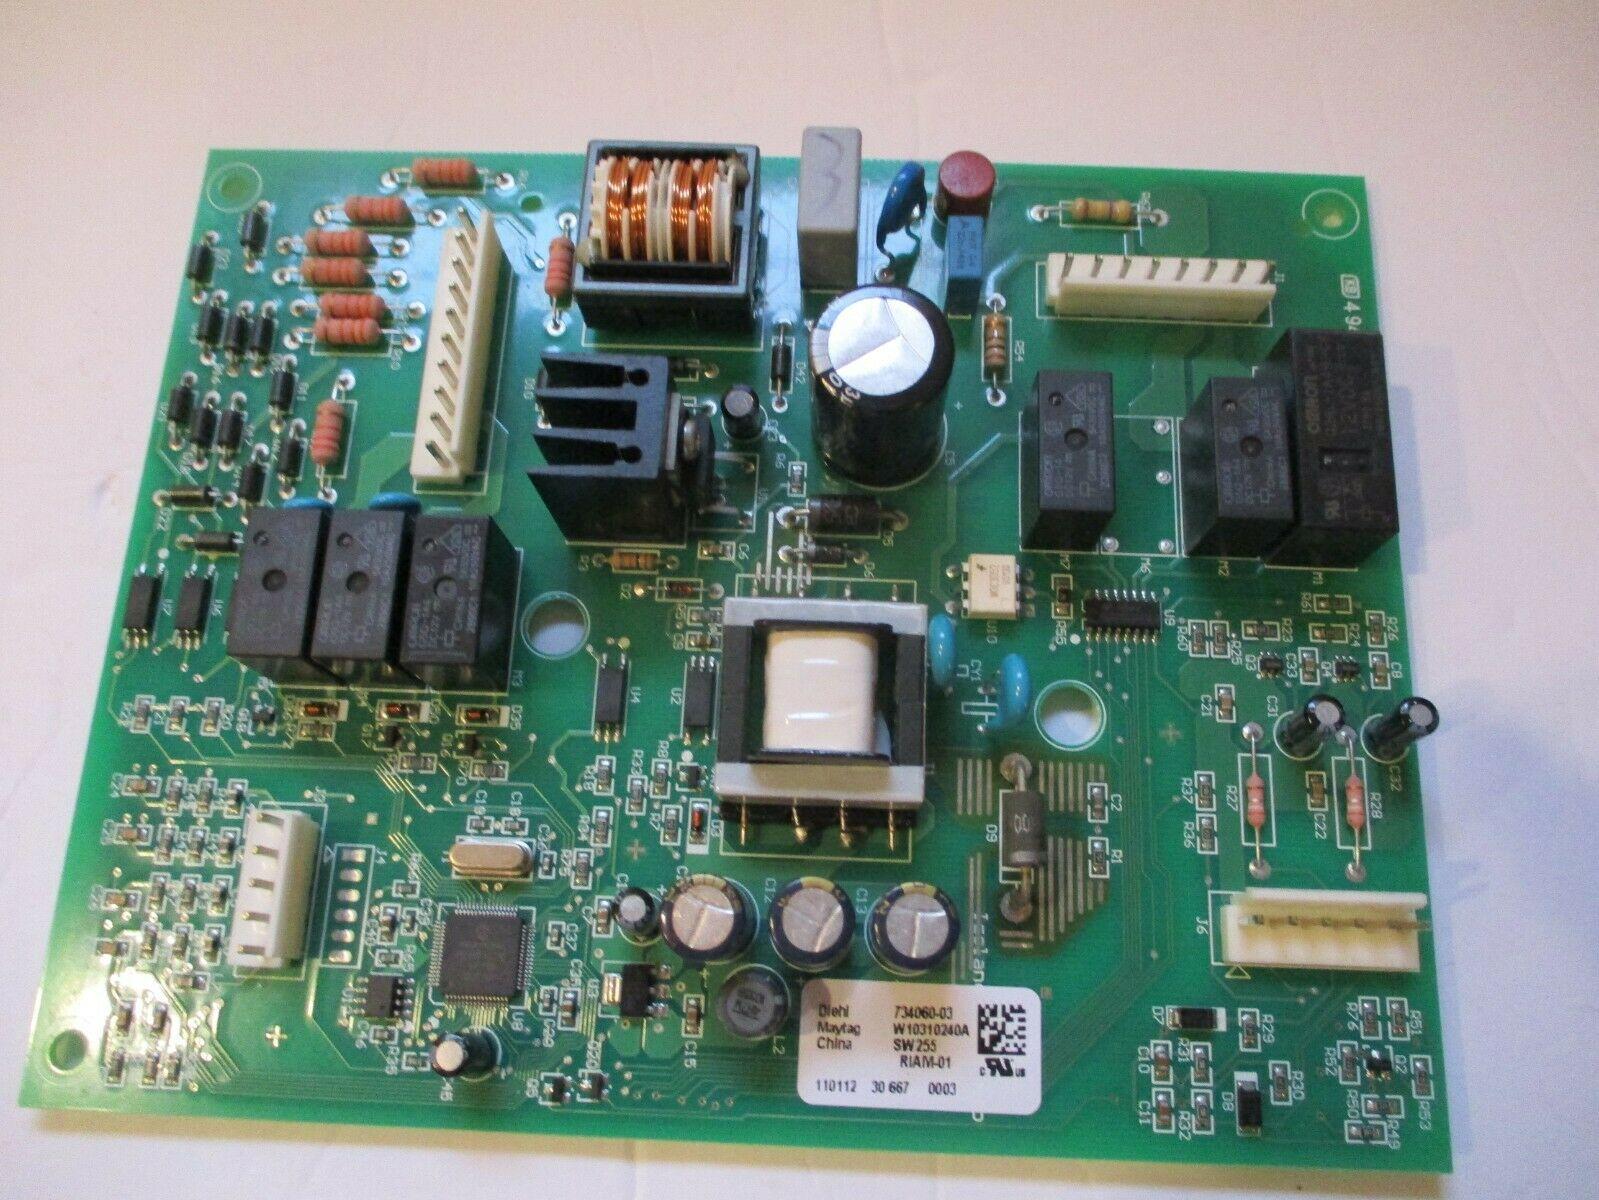 Maytag Electronic Control Board WPW10310240